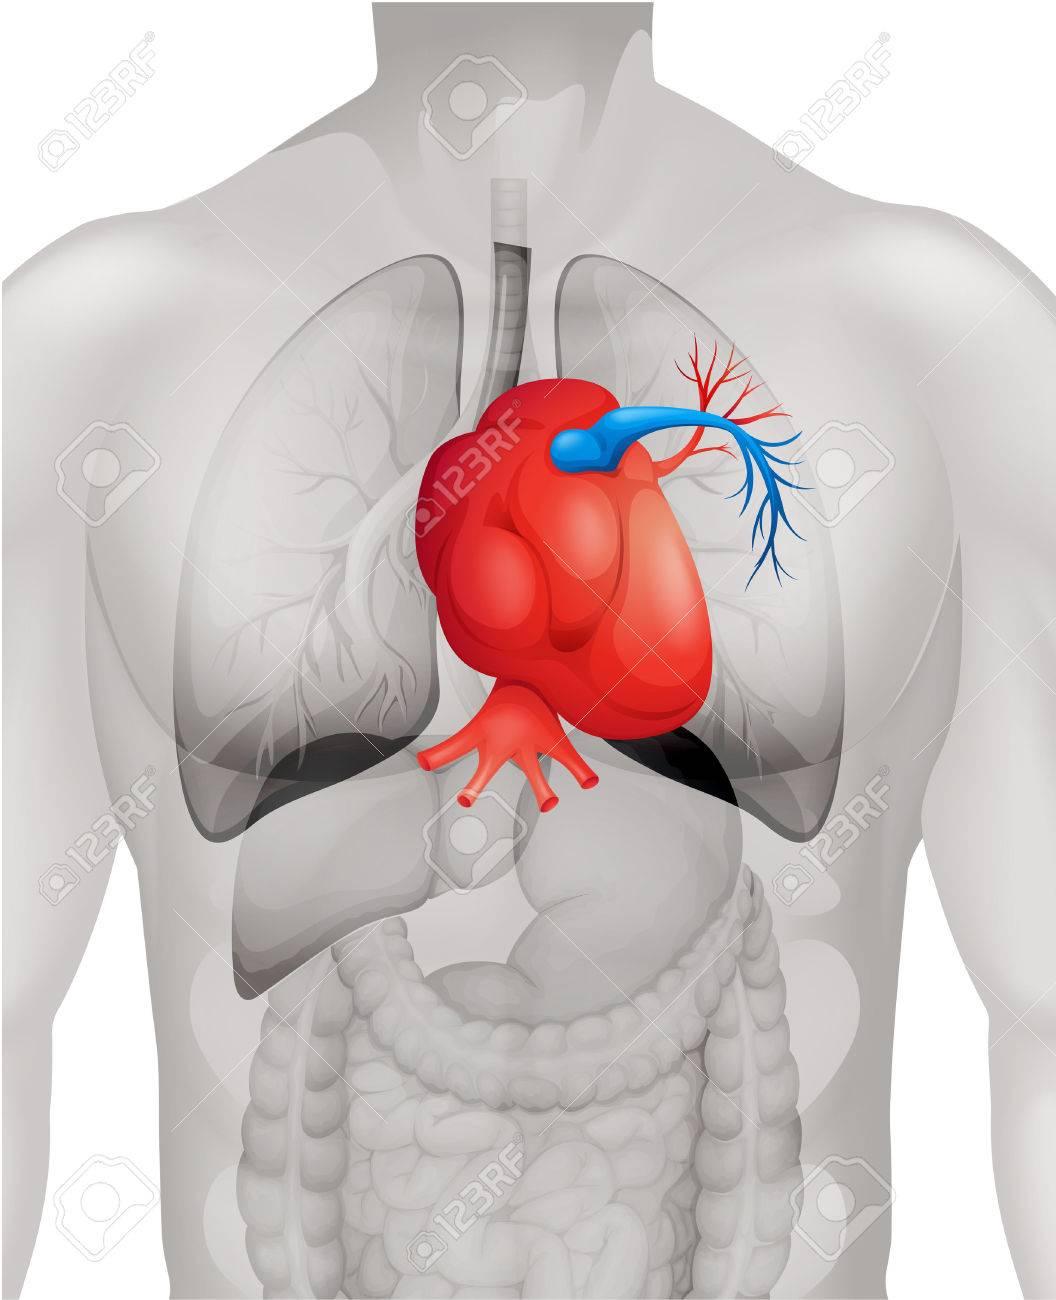 Magnífico Corazón Humano Diagrama Inspiración - Imágenes de Anatomía ...